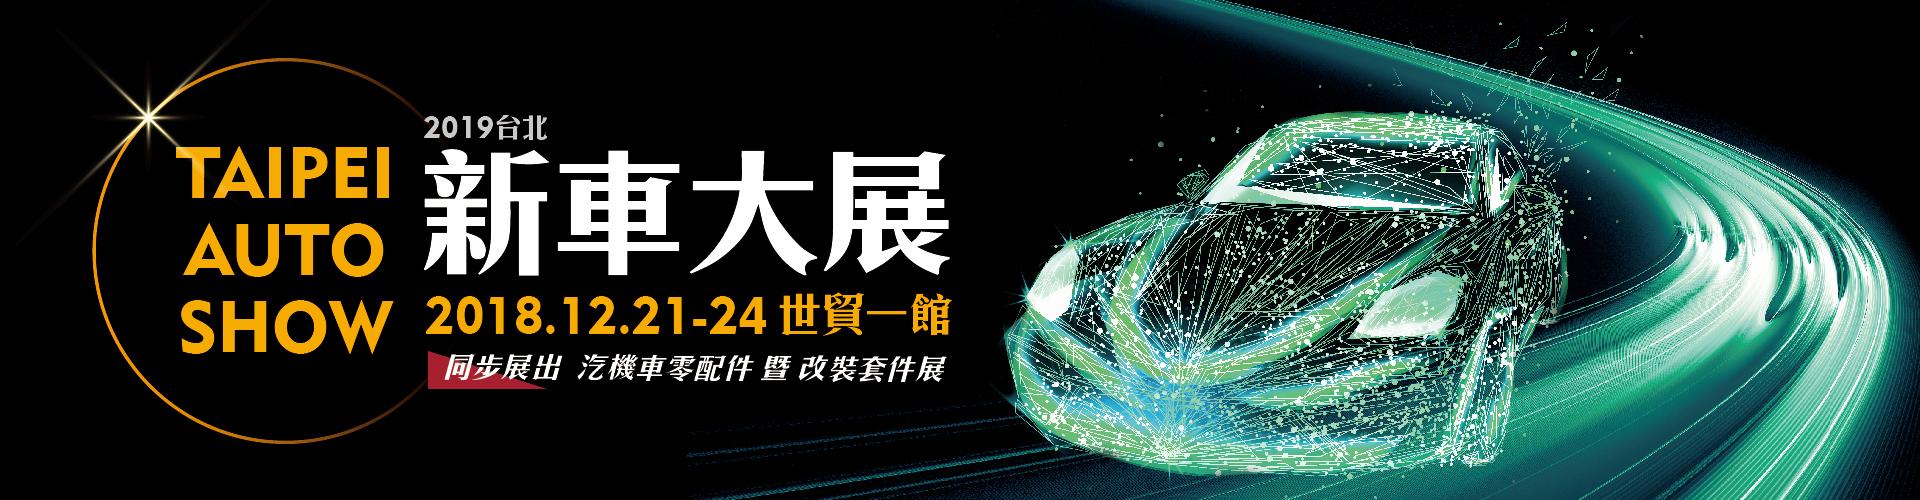 2019台北新車大展